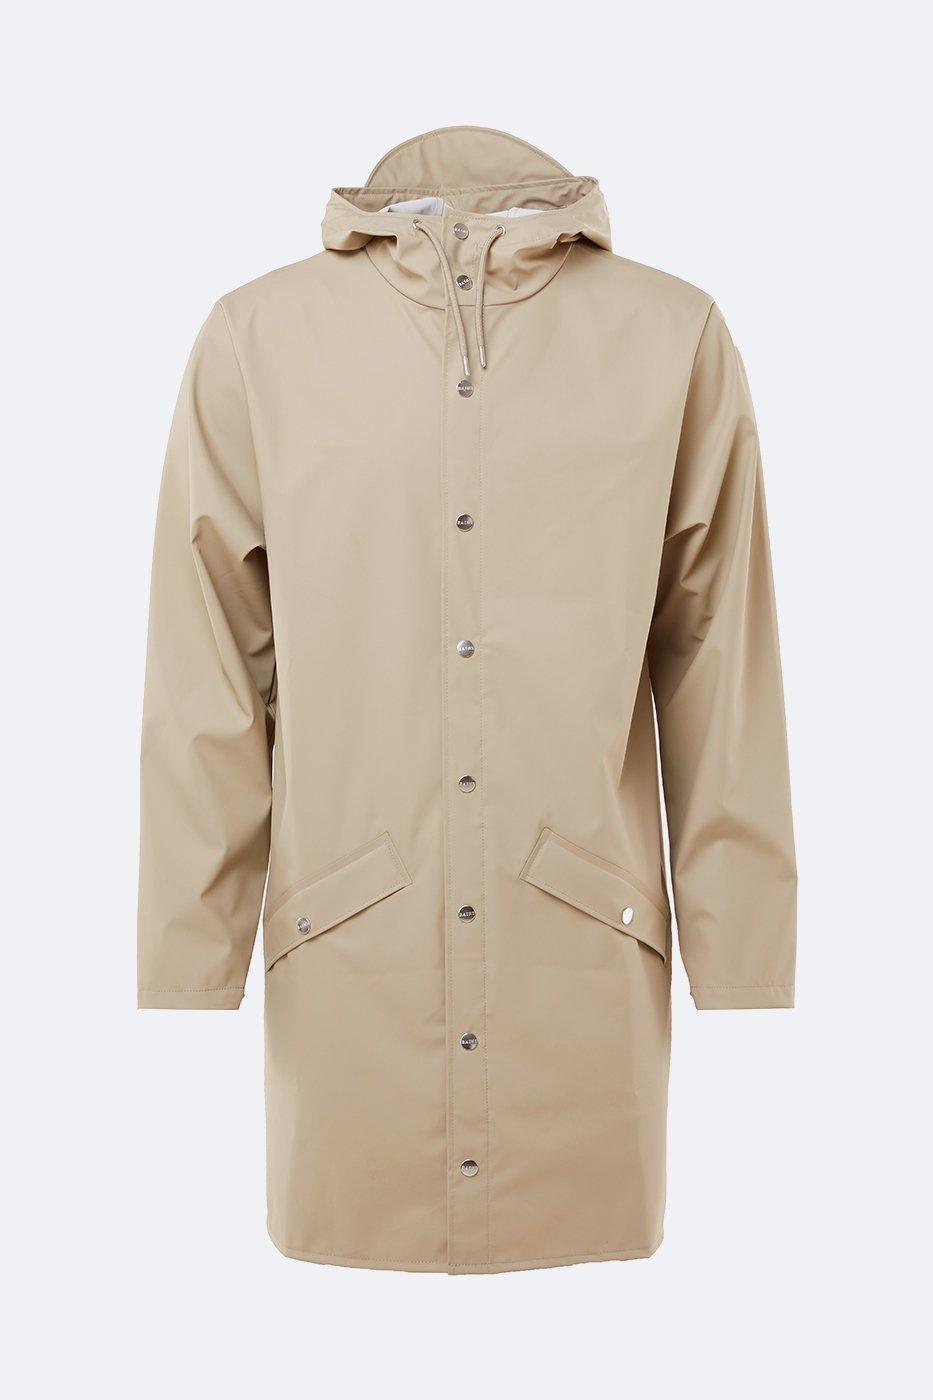 Rains Long Jacket beige unisex S/M